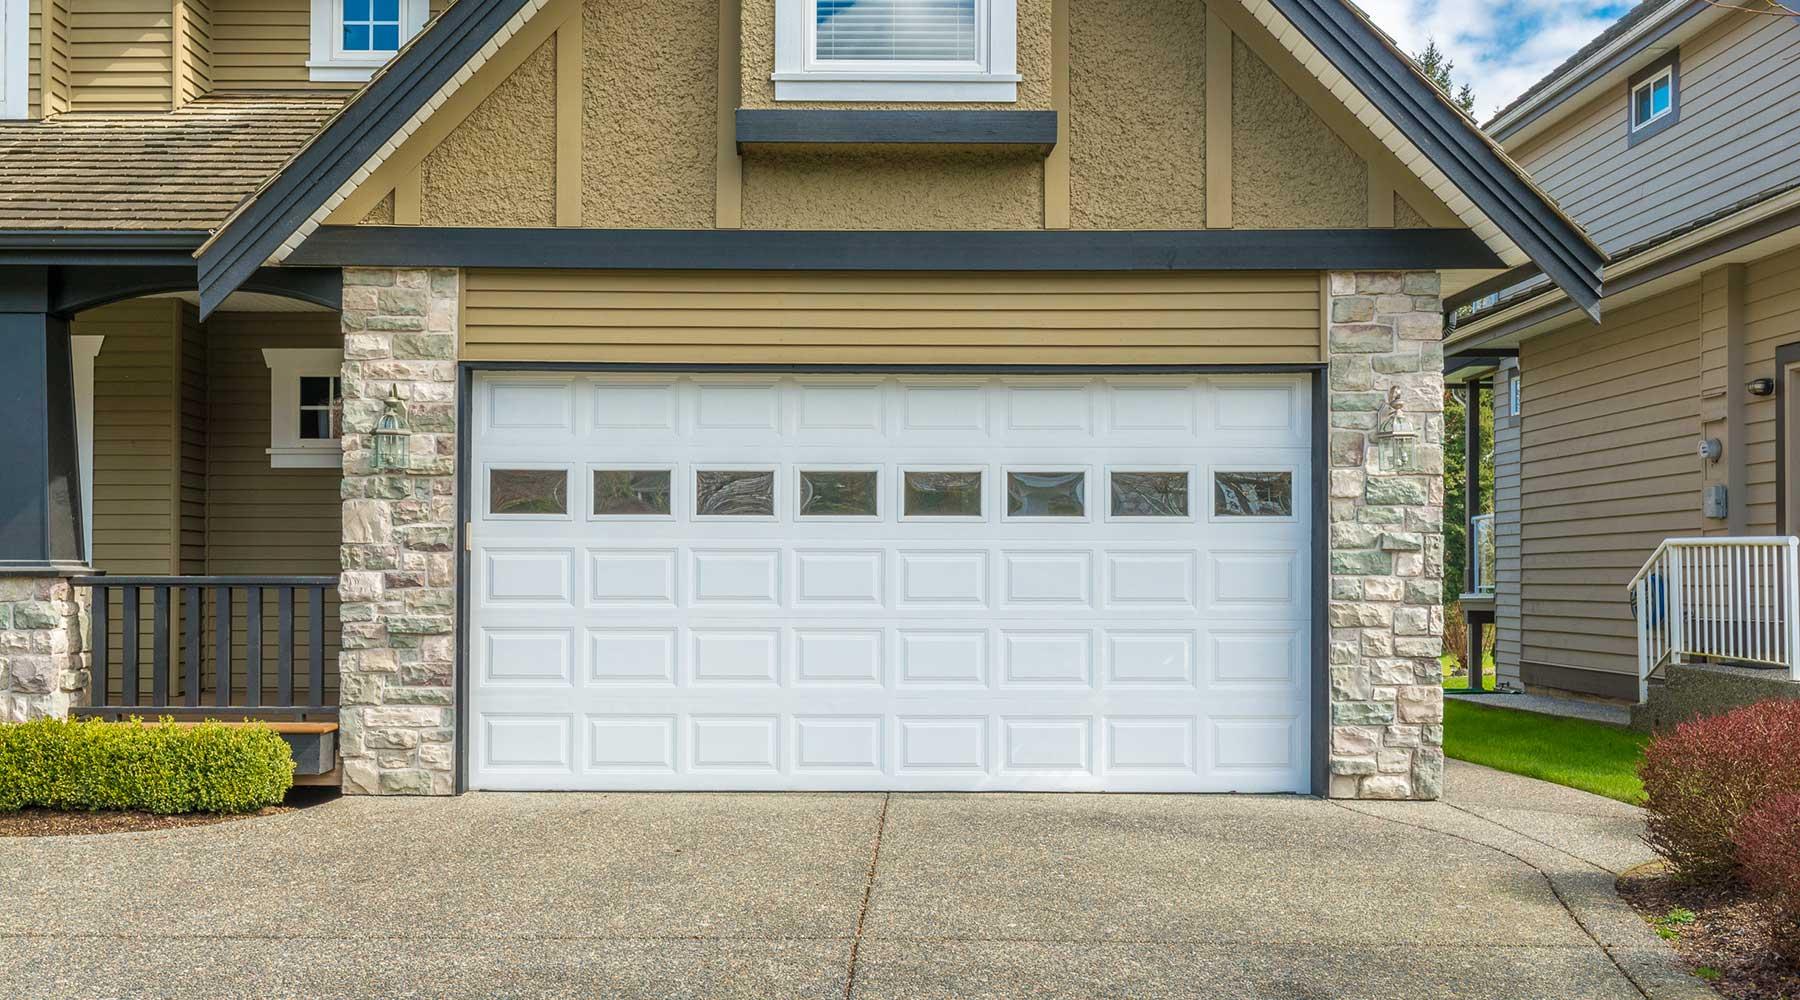 2017 05 garage door bottom seal types - 2017 05 Garage Door Bottom Seal Types 79